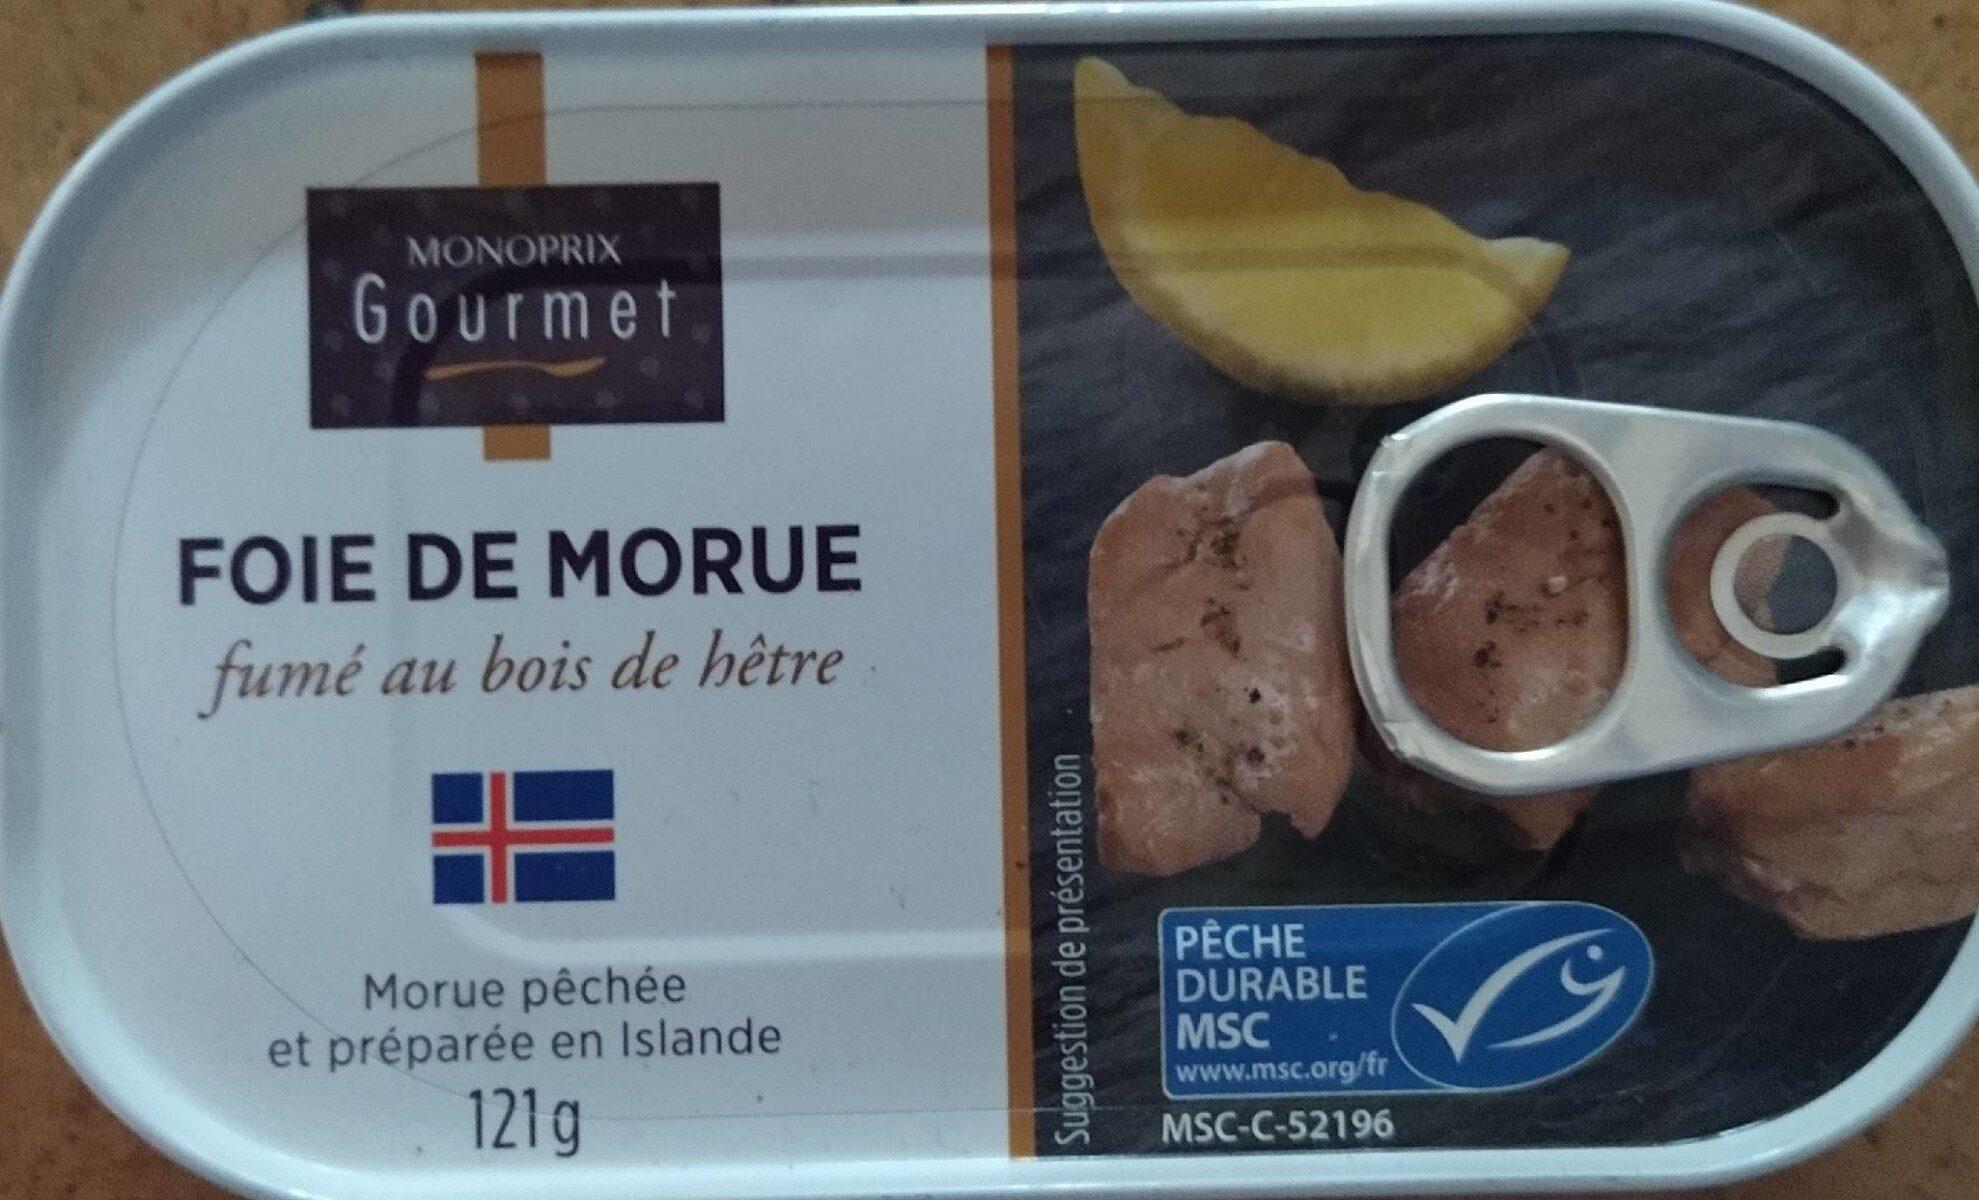 Foie de morue - Produit - fr